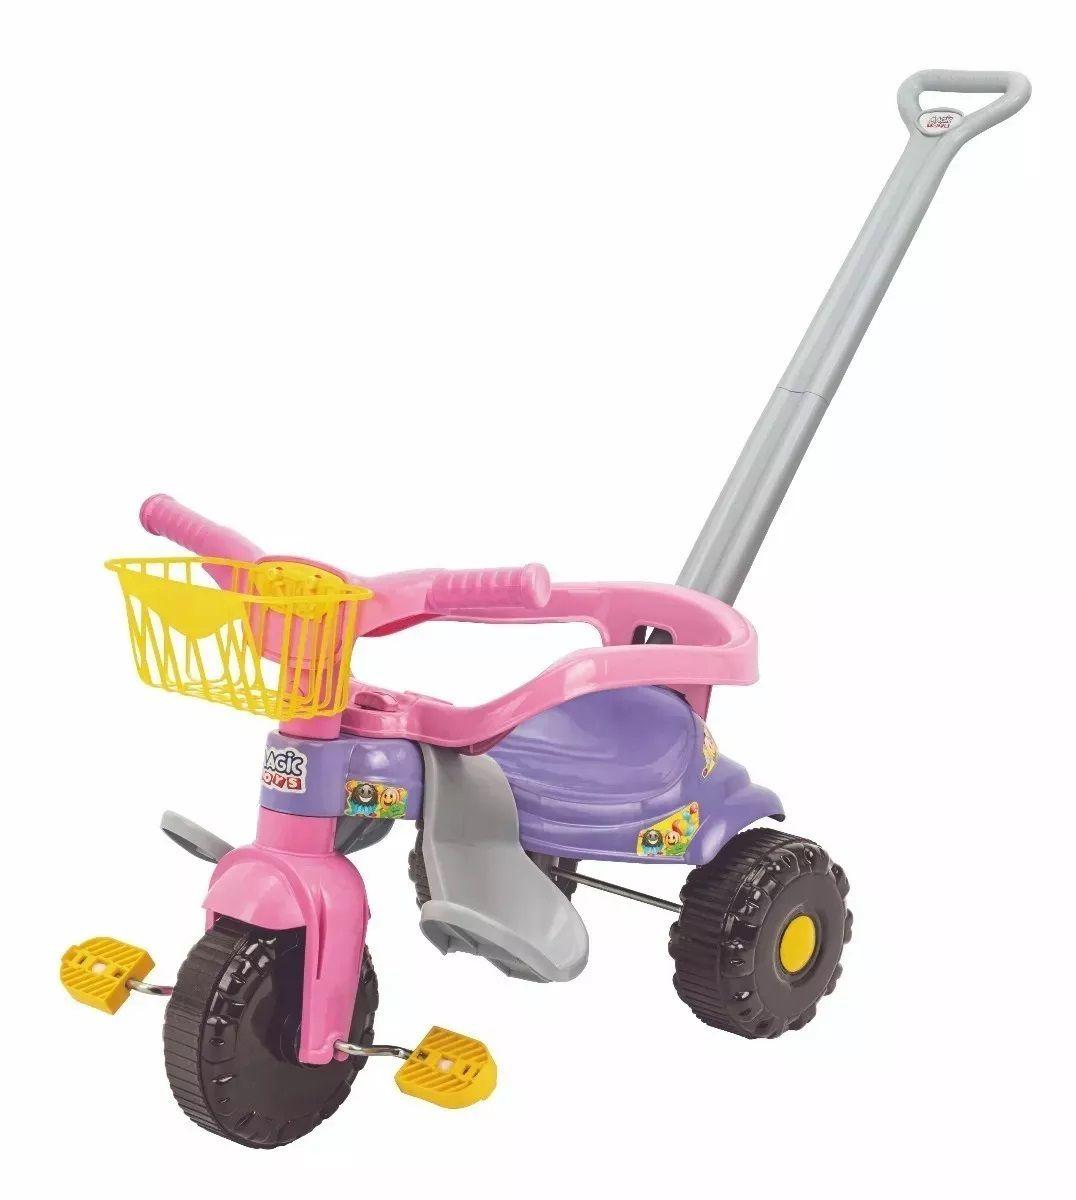 Triciclo Coleção Festa Tico-Tico Festa Rosa com Empurrador - Magic Toys